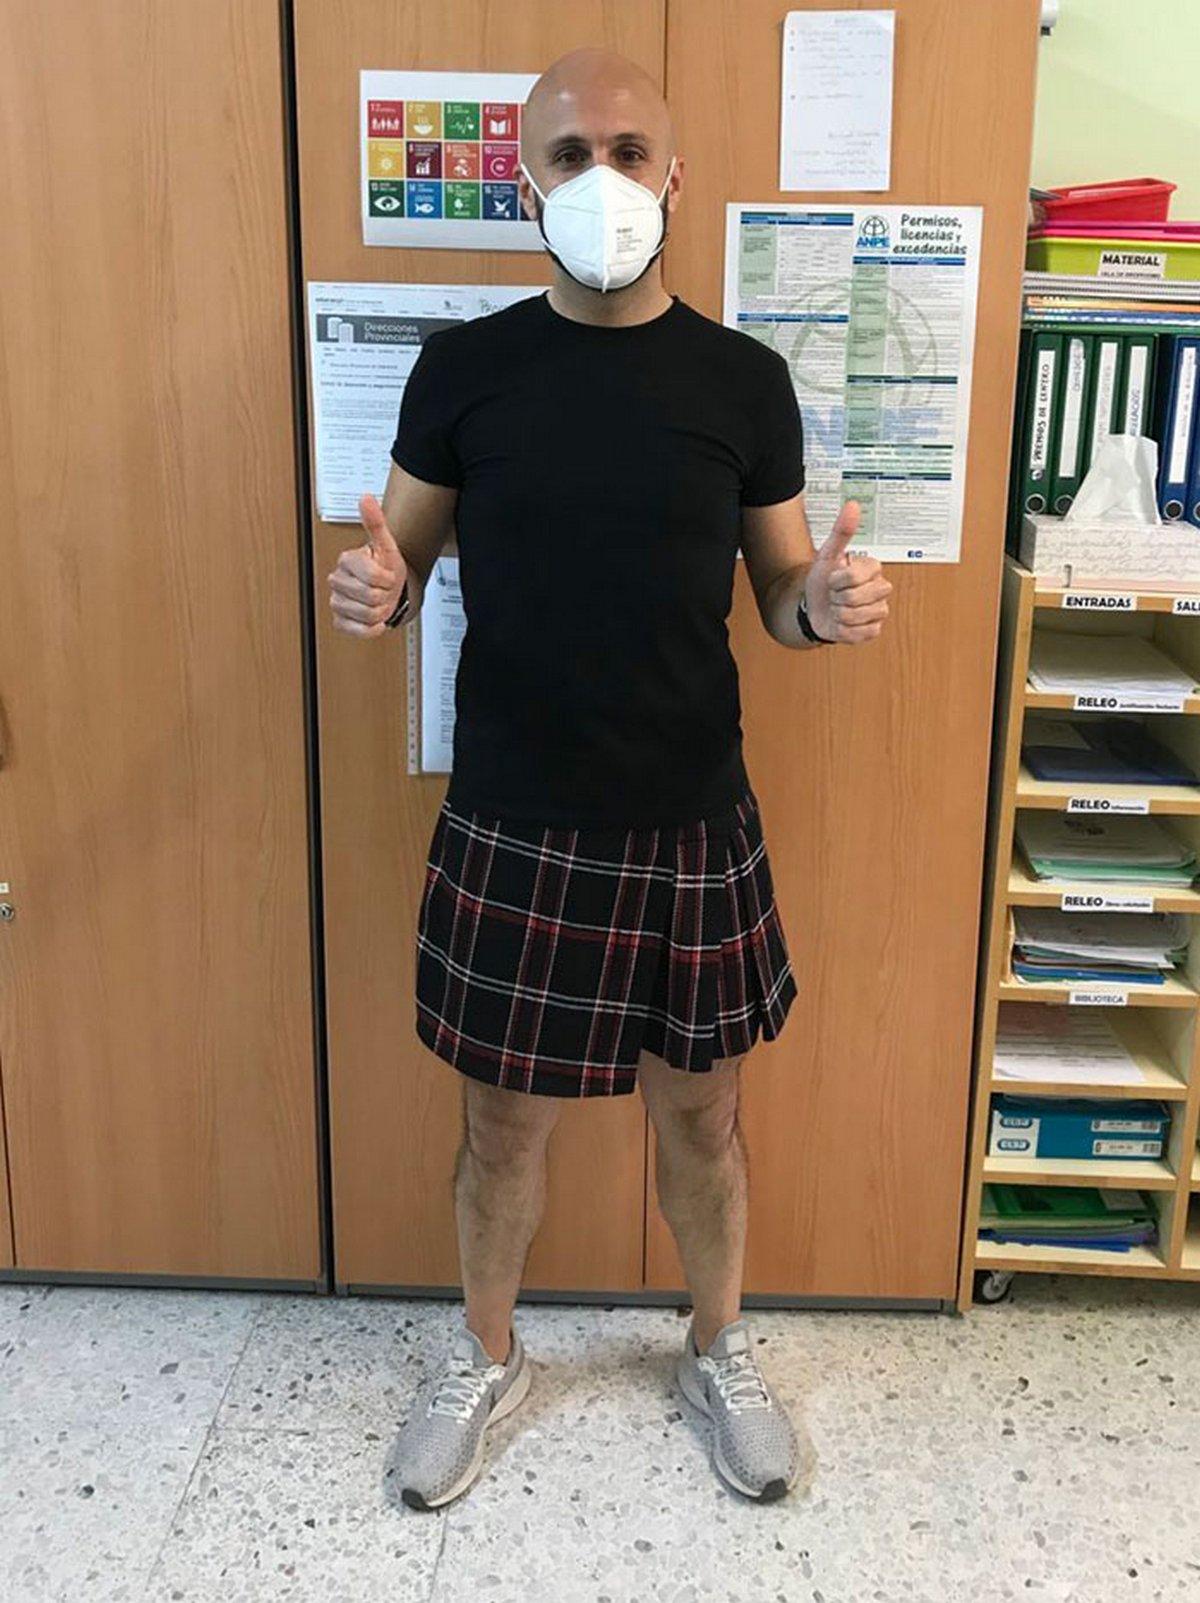 Des enseignants portent des jupes en classe pour protester contre le renvoi d'un élève qui en portait une